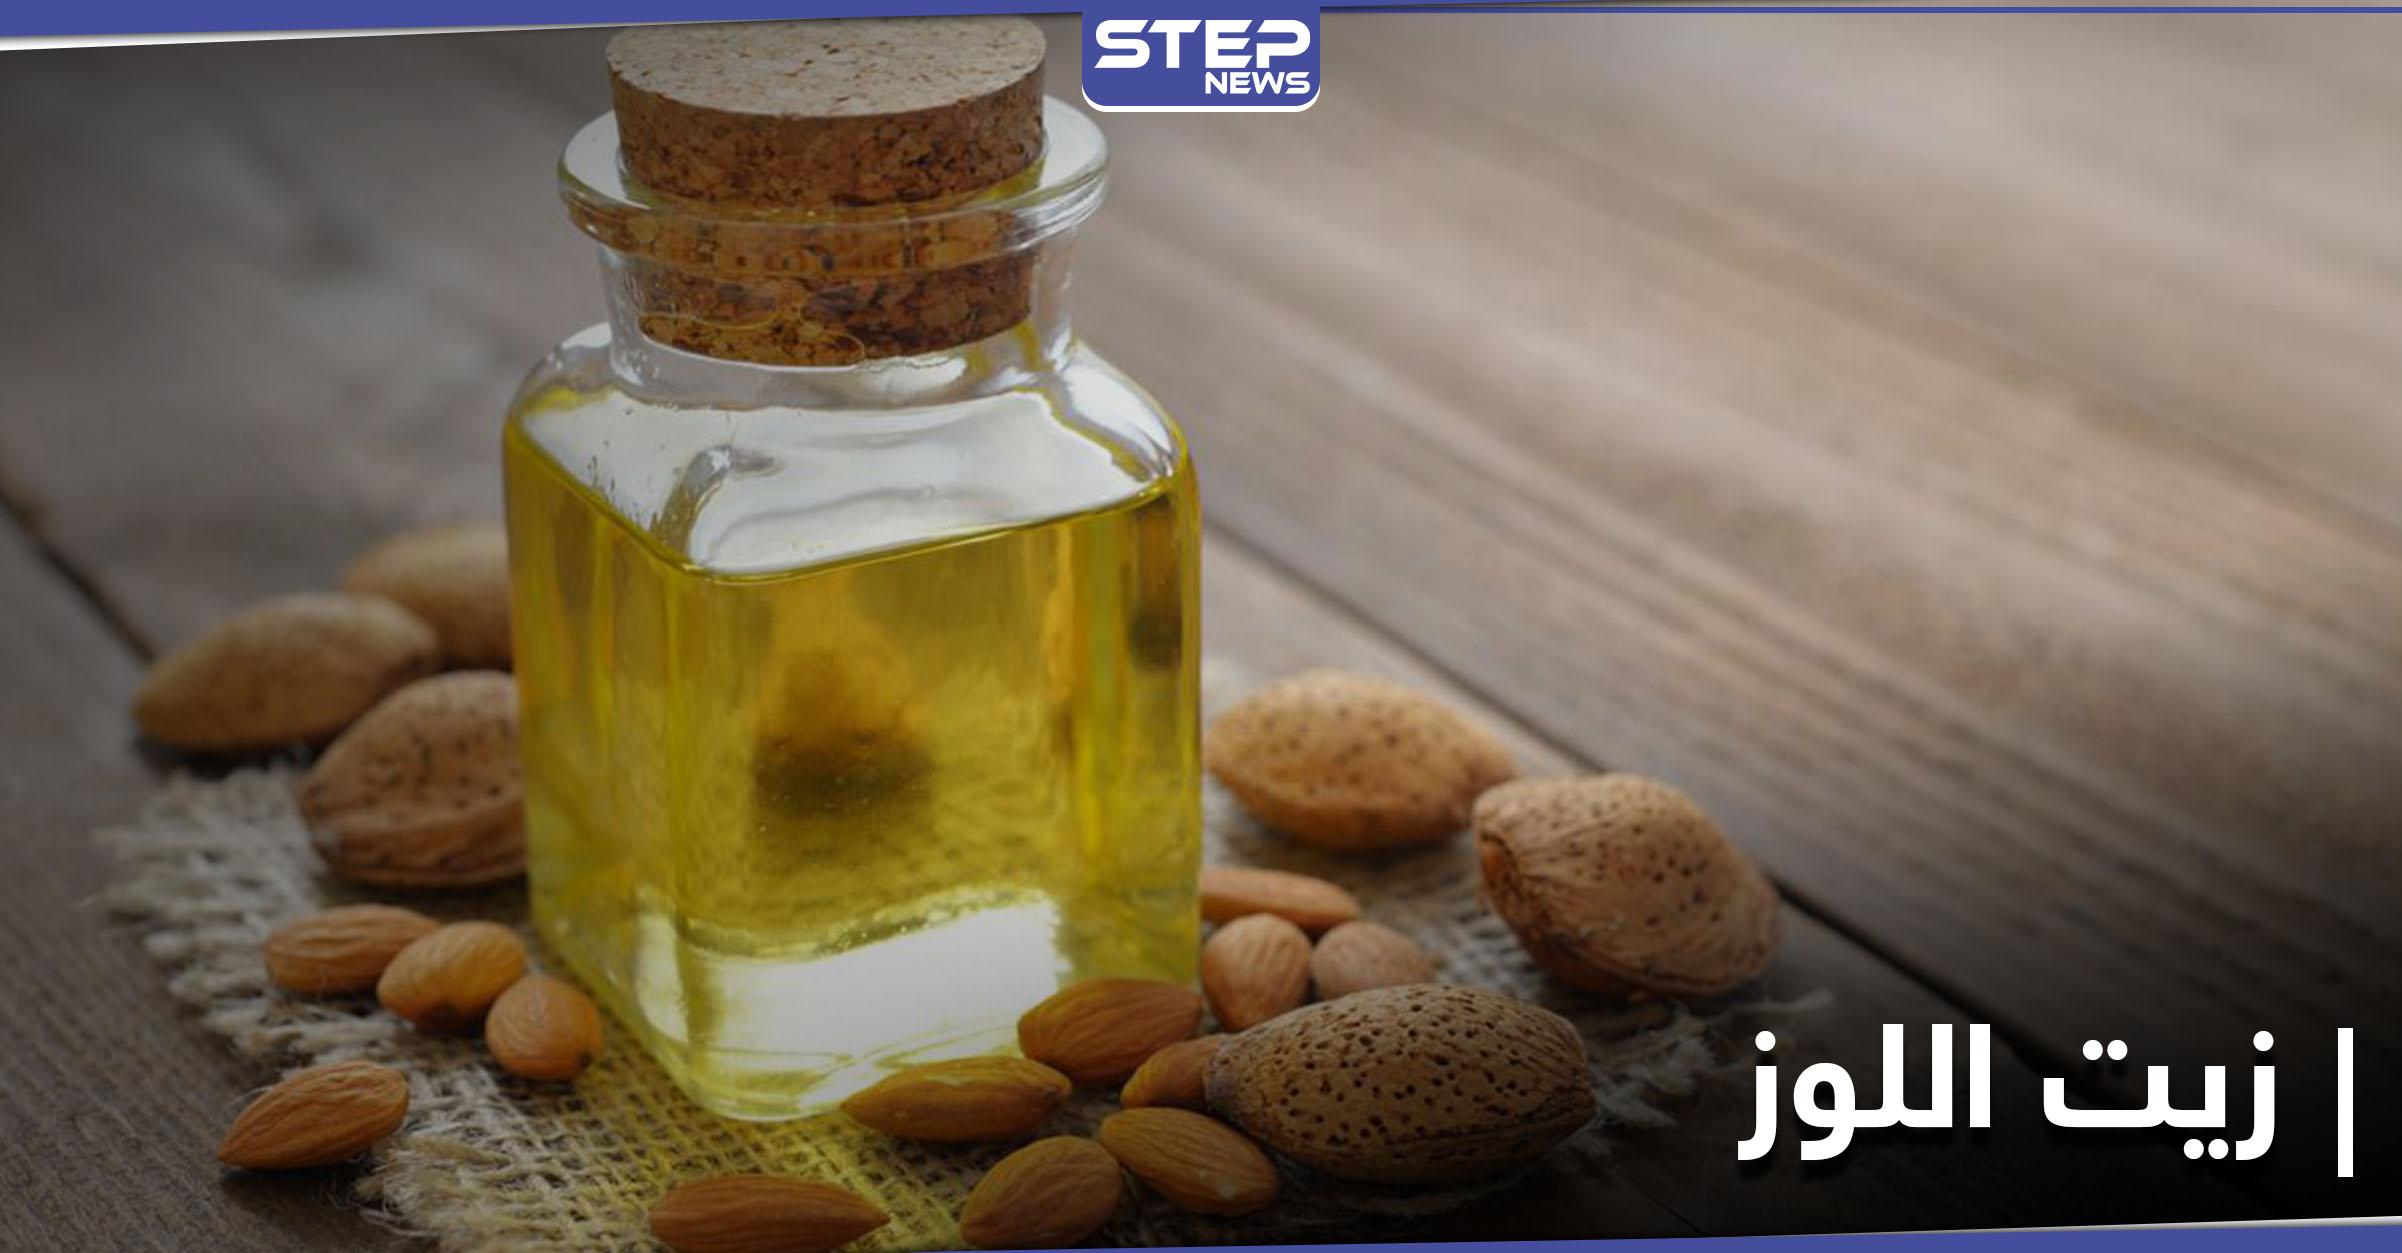 فوائد زيت اللوز وميزات الثمرة التي تعتبر من أهم أنواع المكسرات